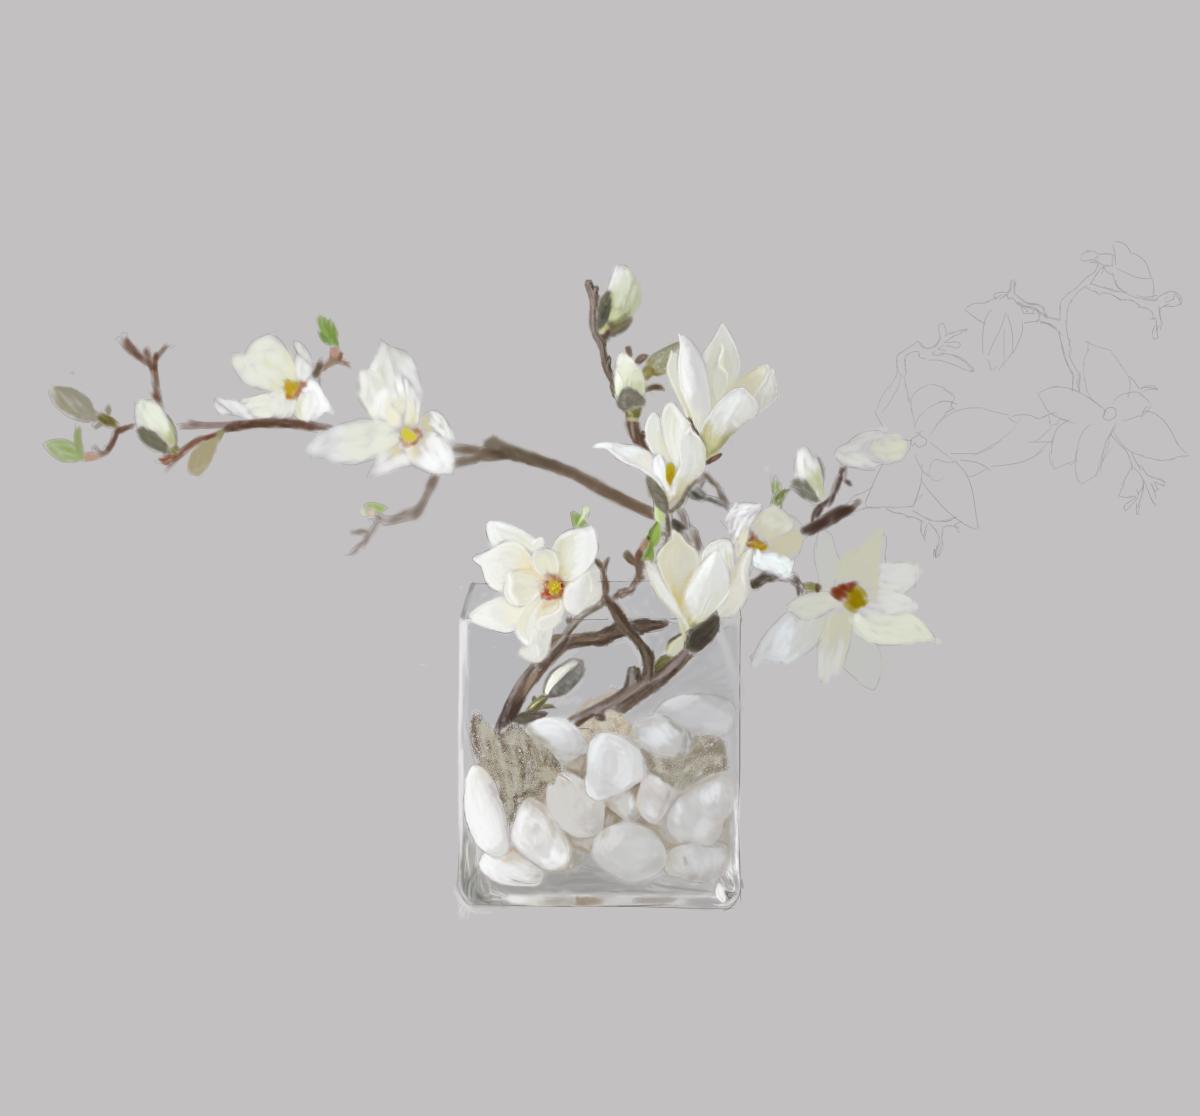 盆栽白玉兰花图片